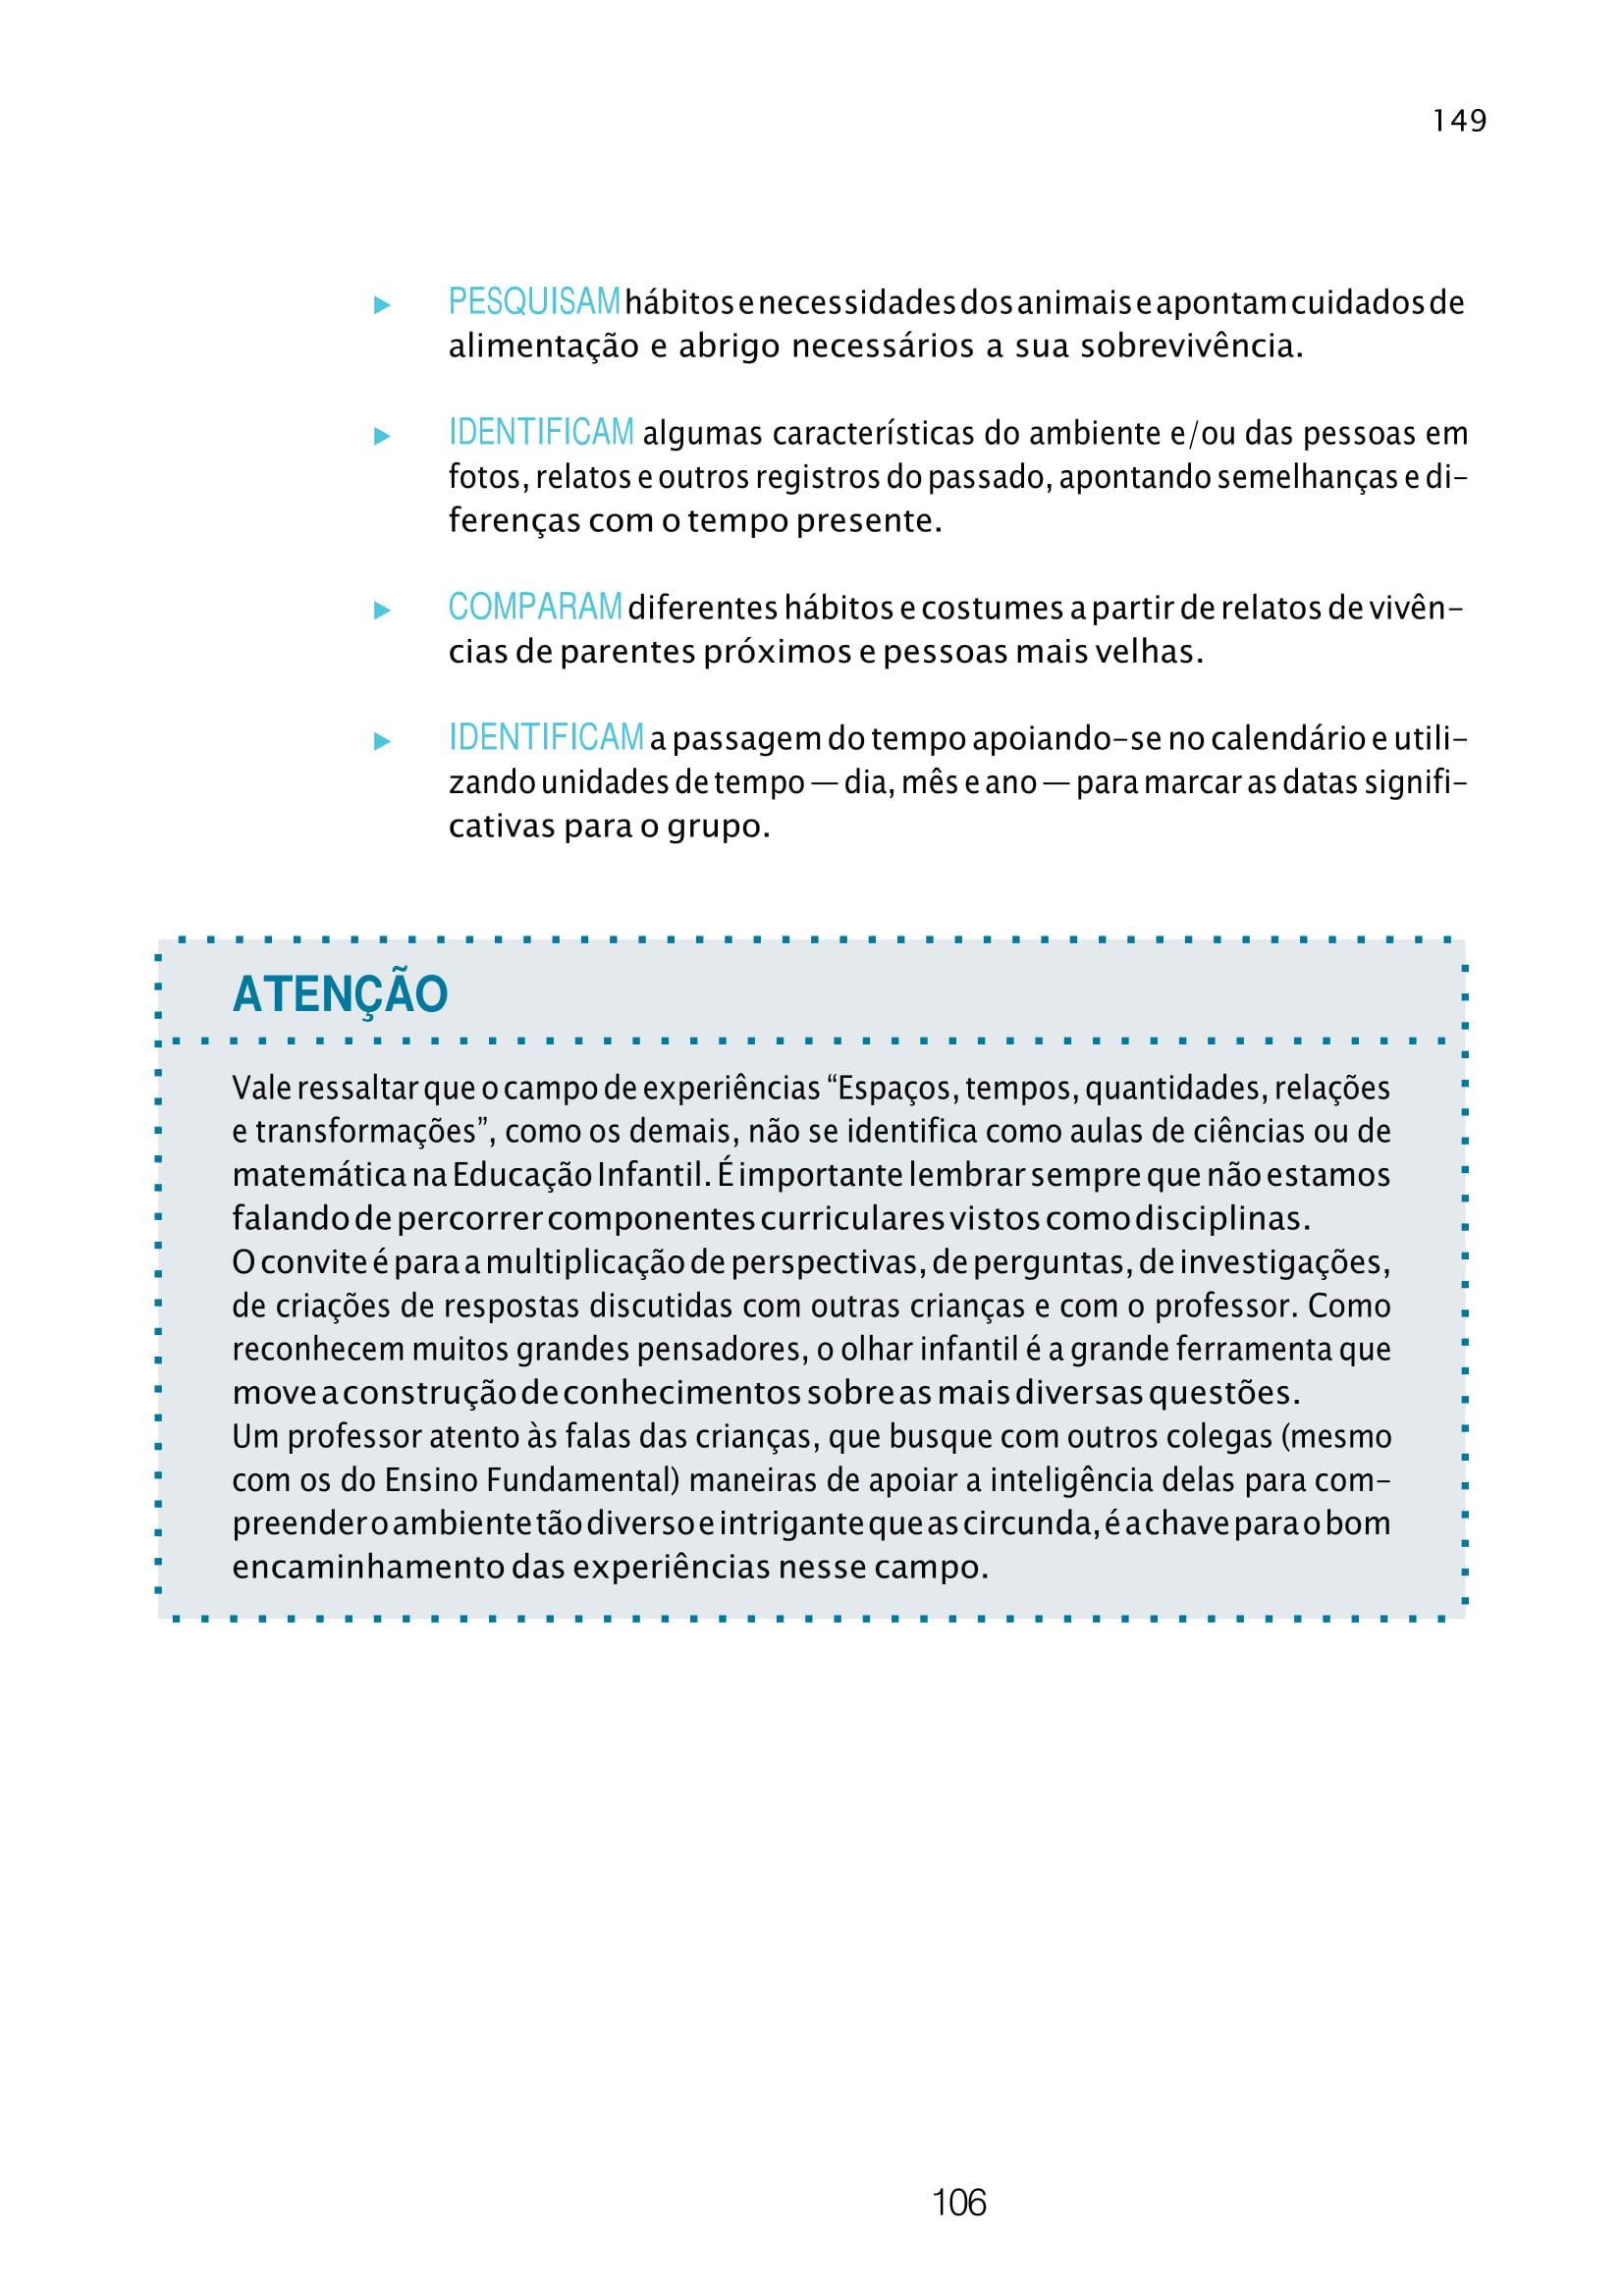 planejamento-educação-infantil-bncc-geral-179